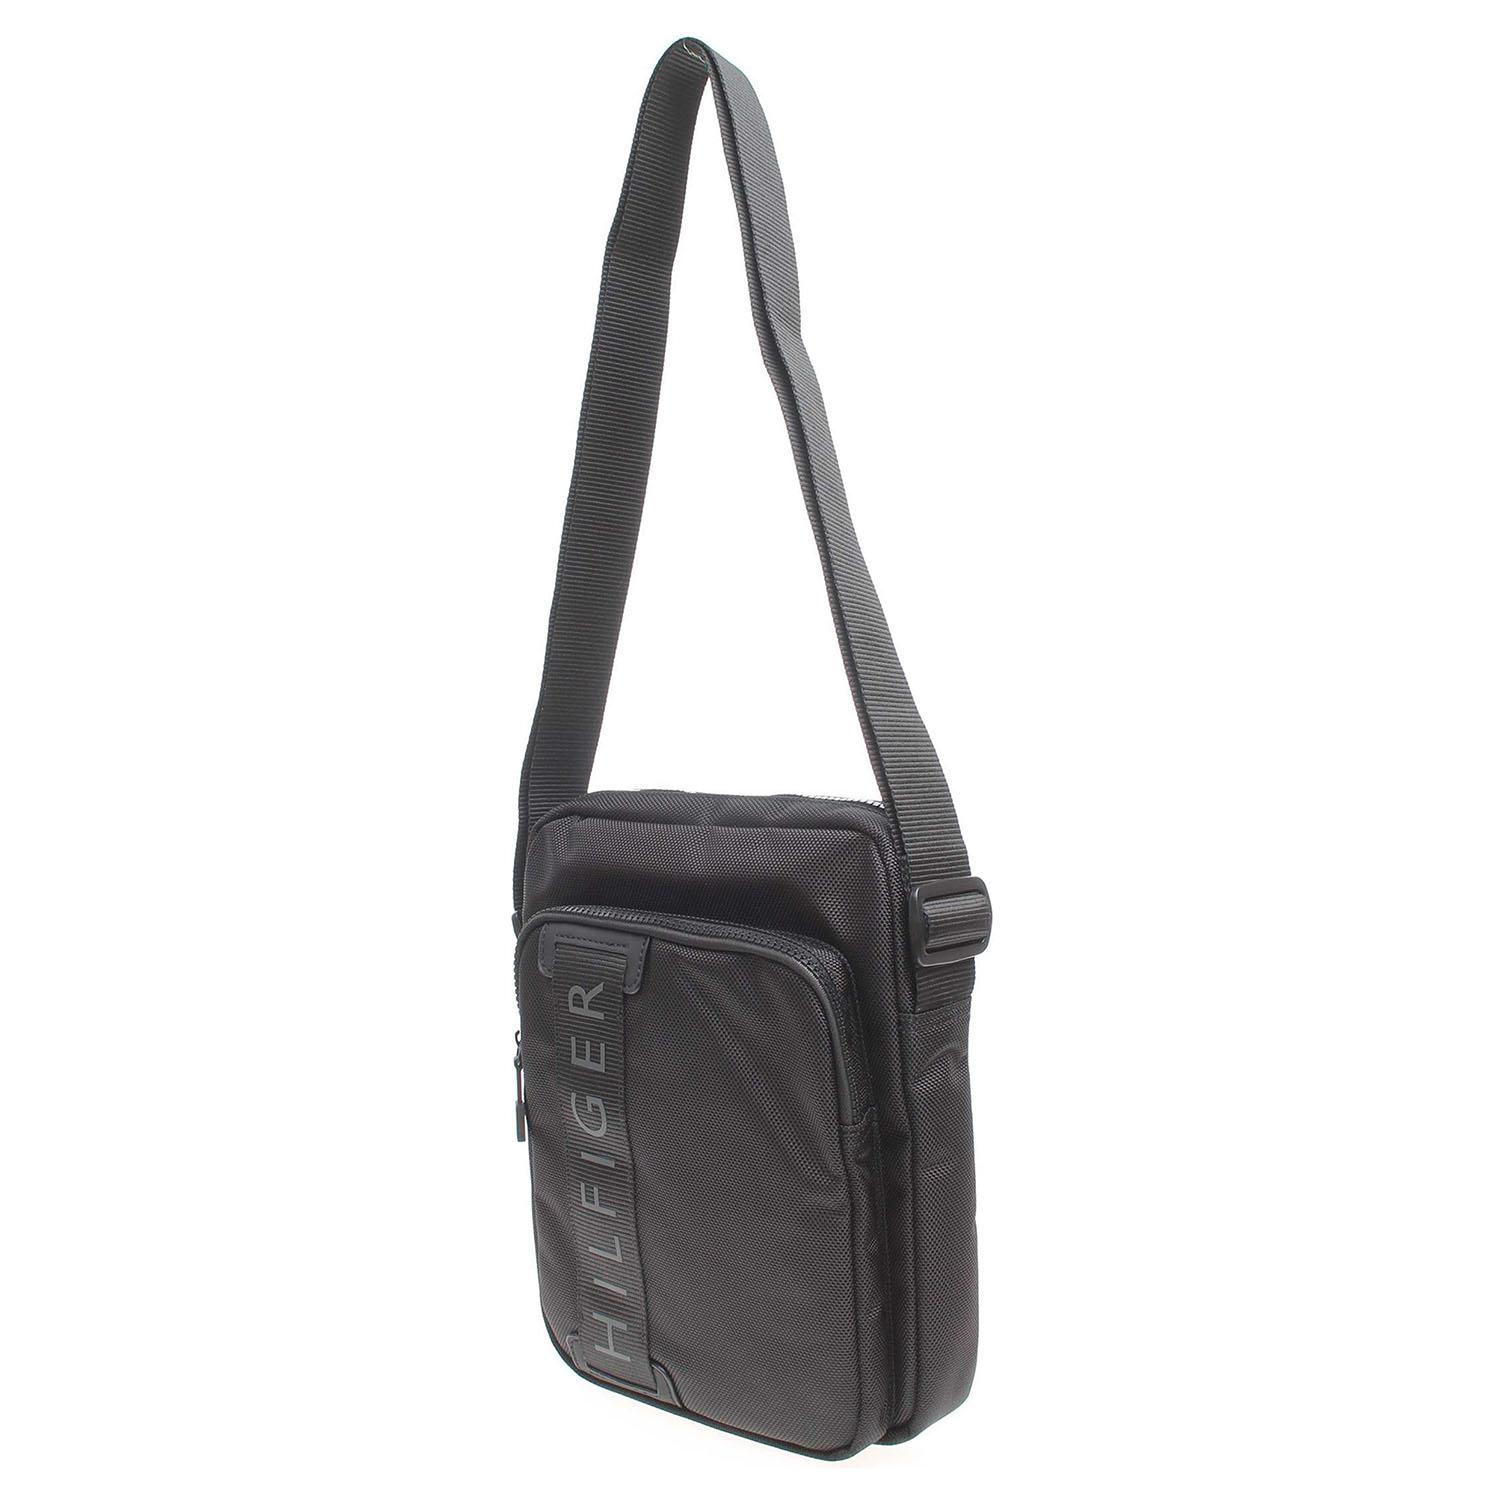 Ecco Tommy Hilfiger pánská taška AM0AM01860 černá 10701176